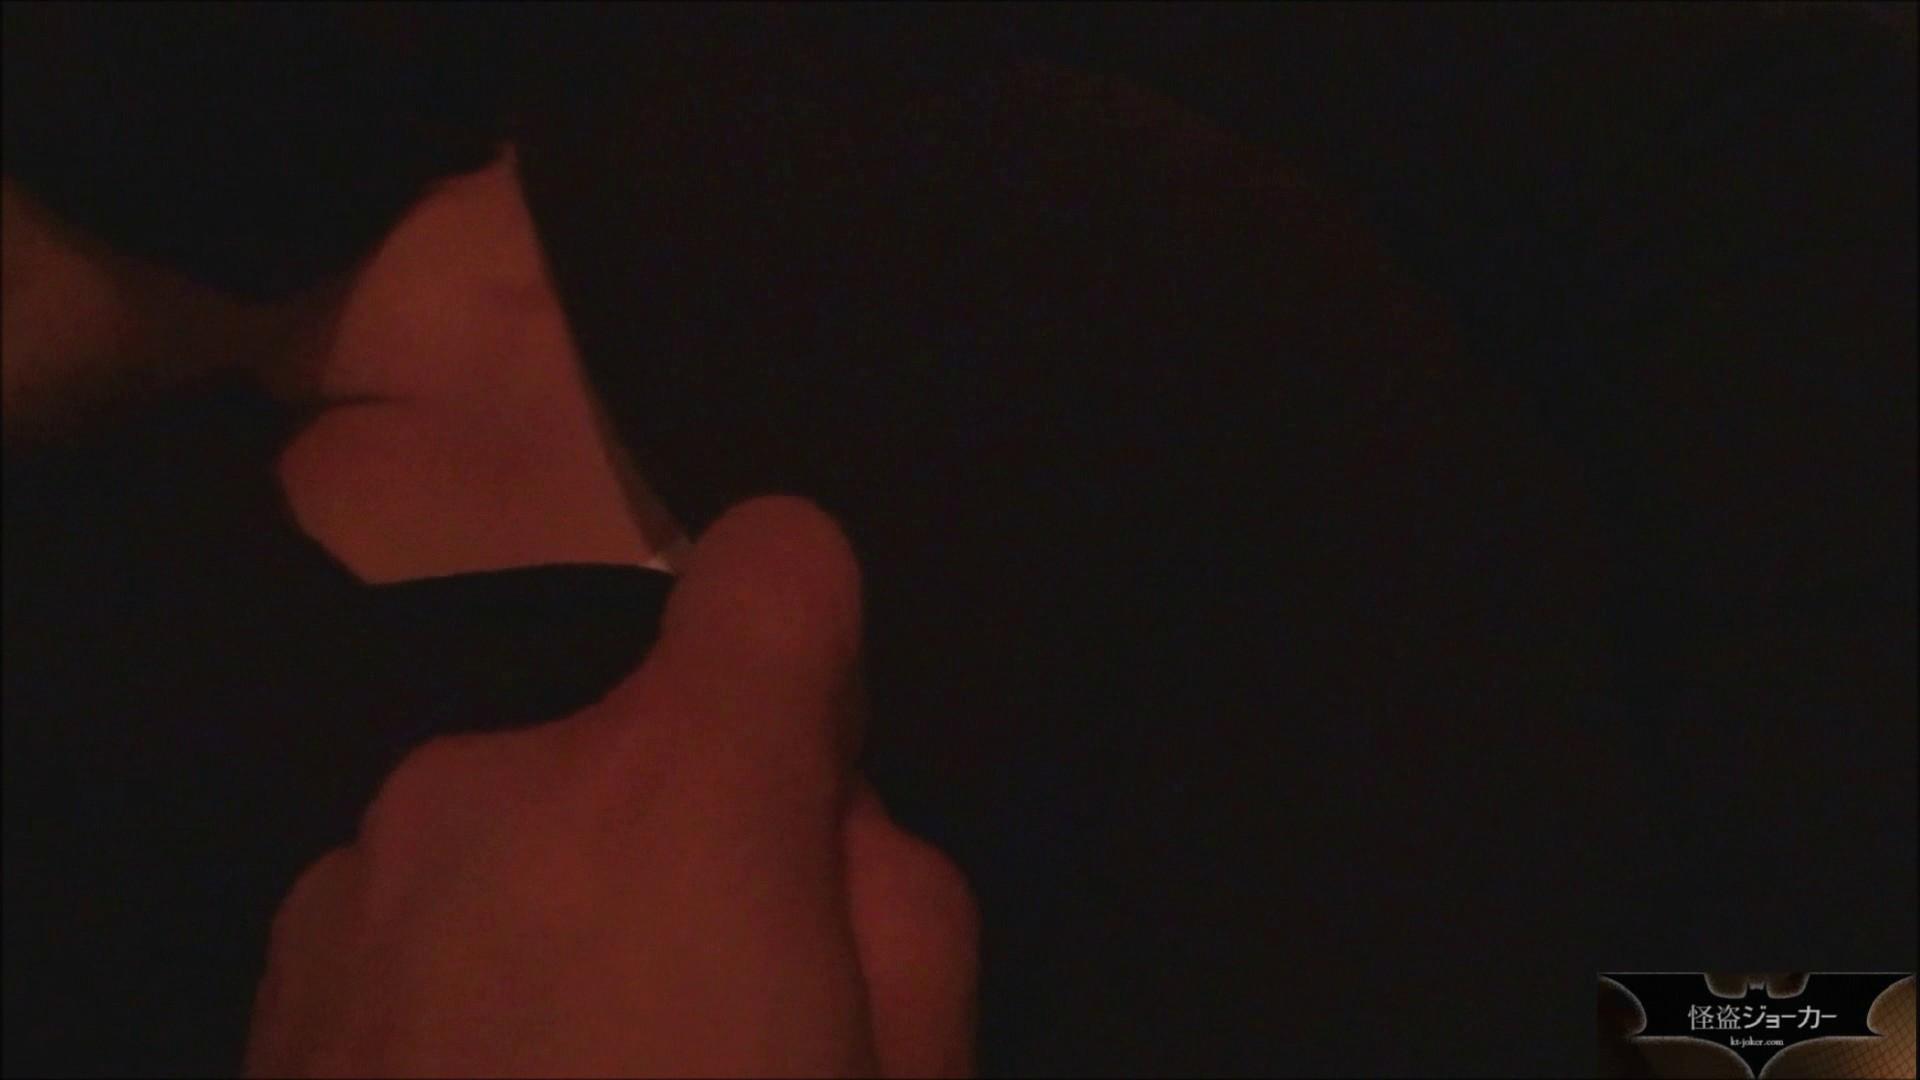 【未公開】vol.16 まおとこずえ-前編- 人妻達のヌード | 知人達のヌード  68連発 21